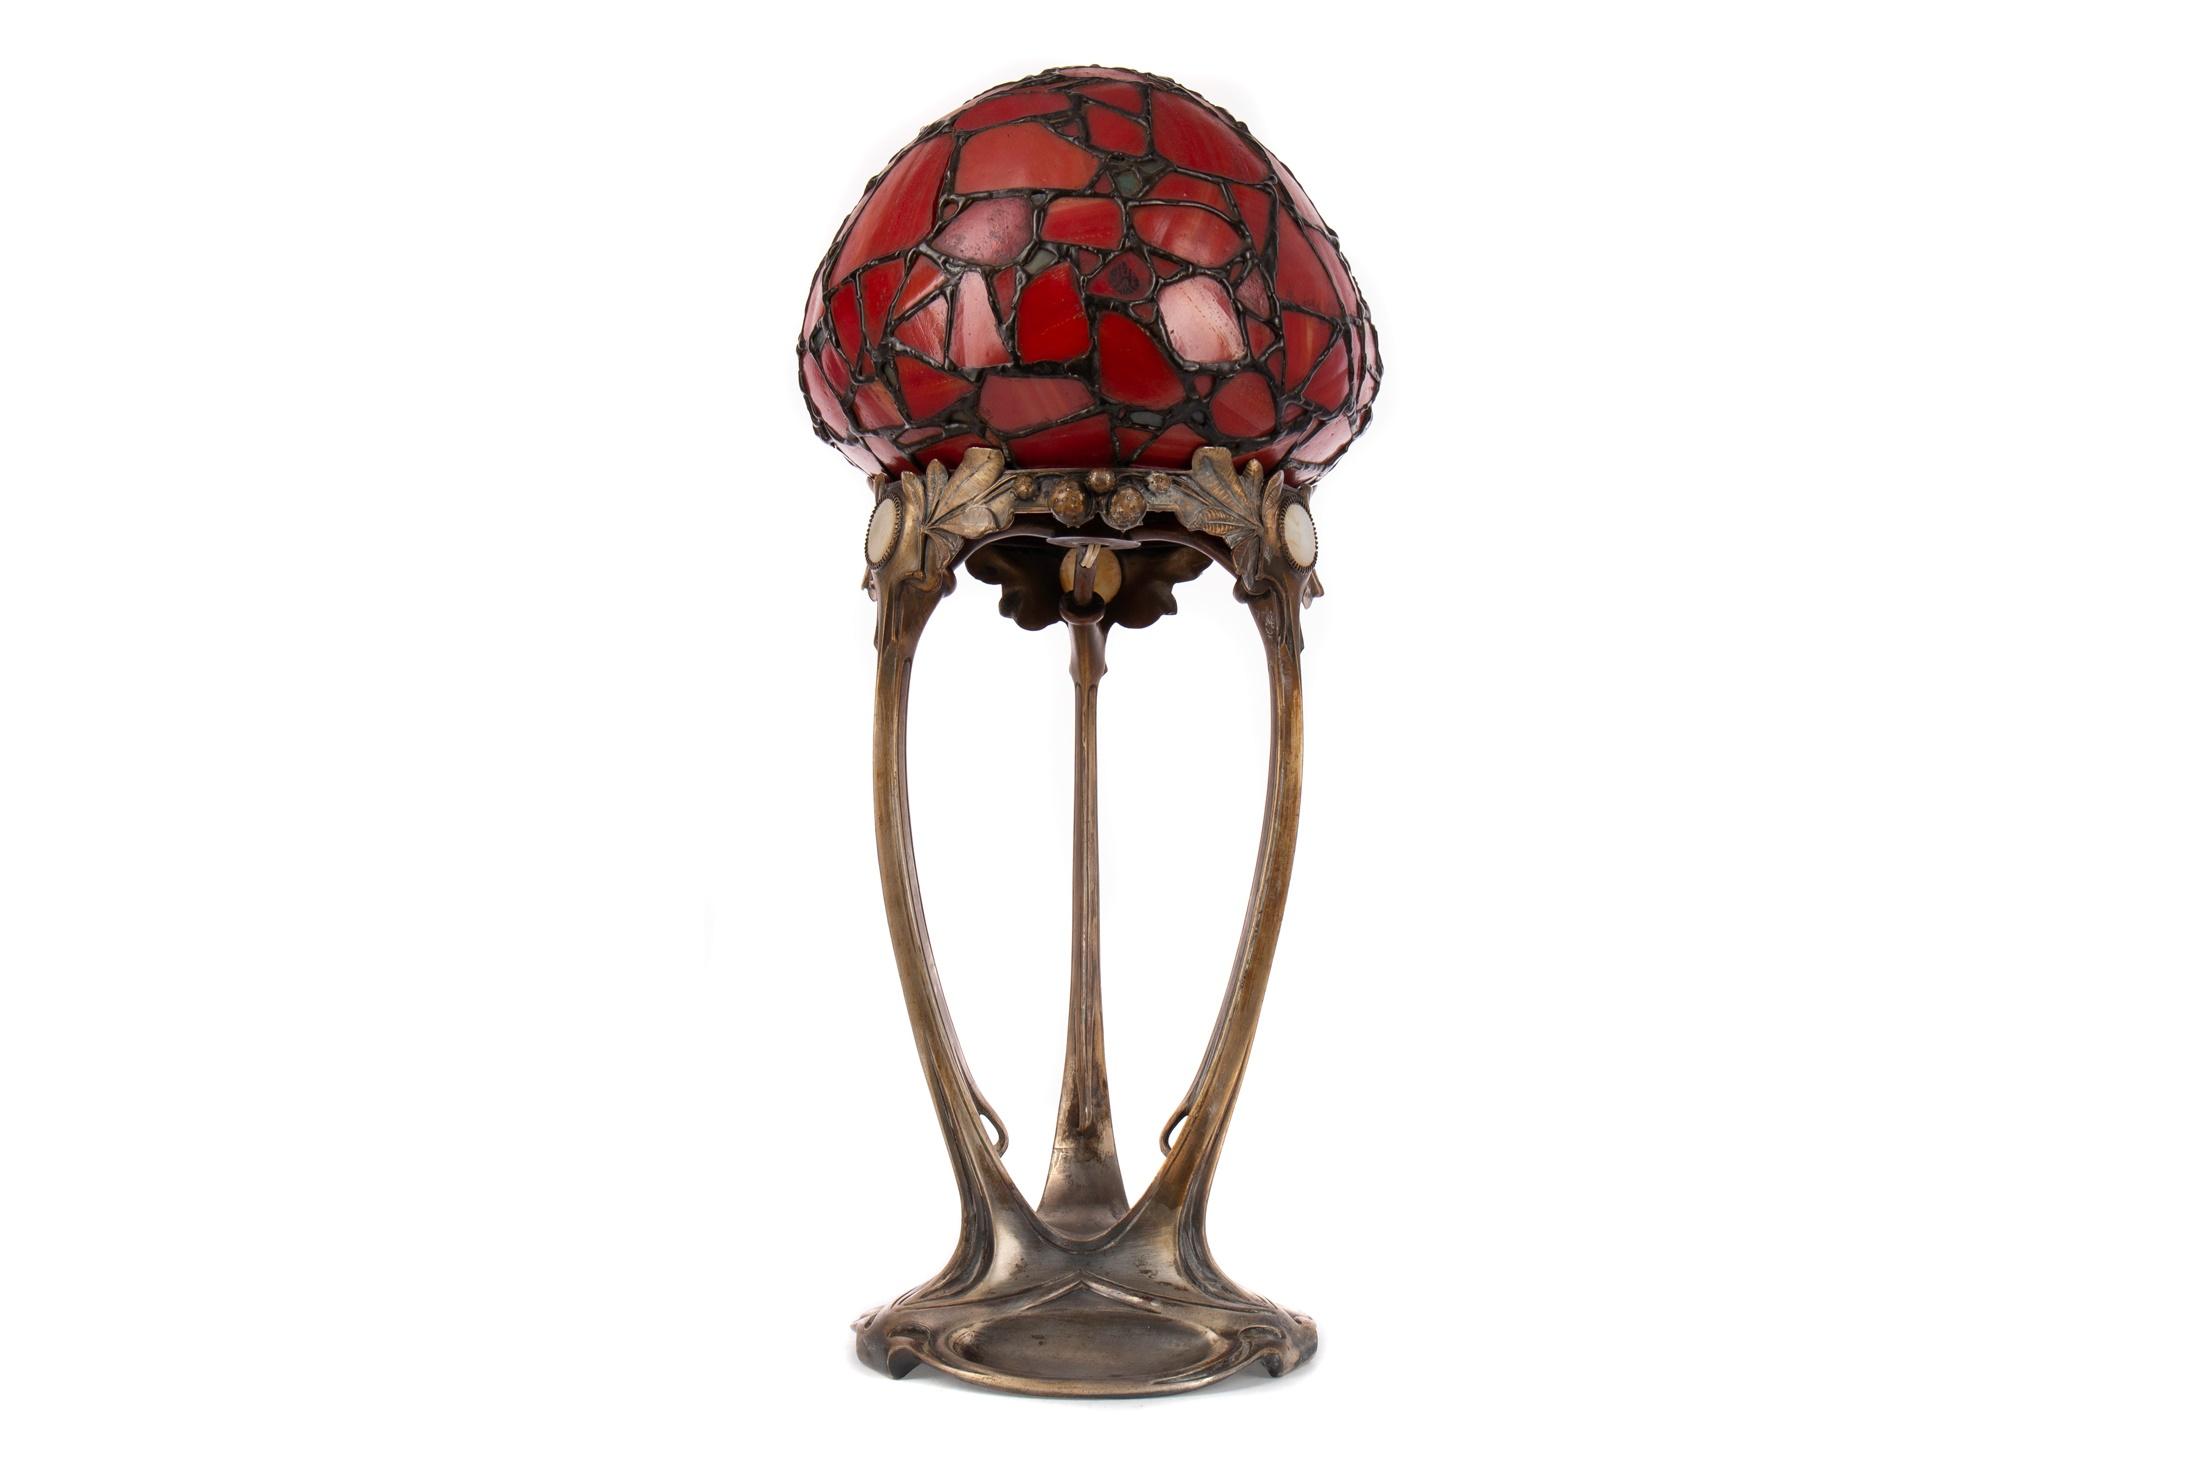 AN ART NOUVEAU TABLE LAMP